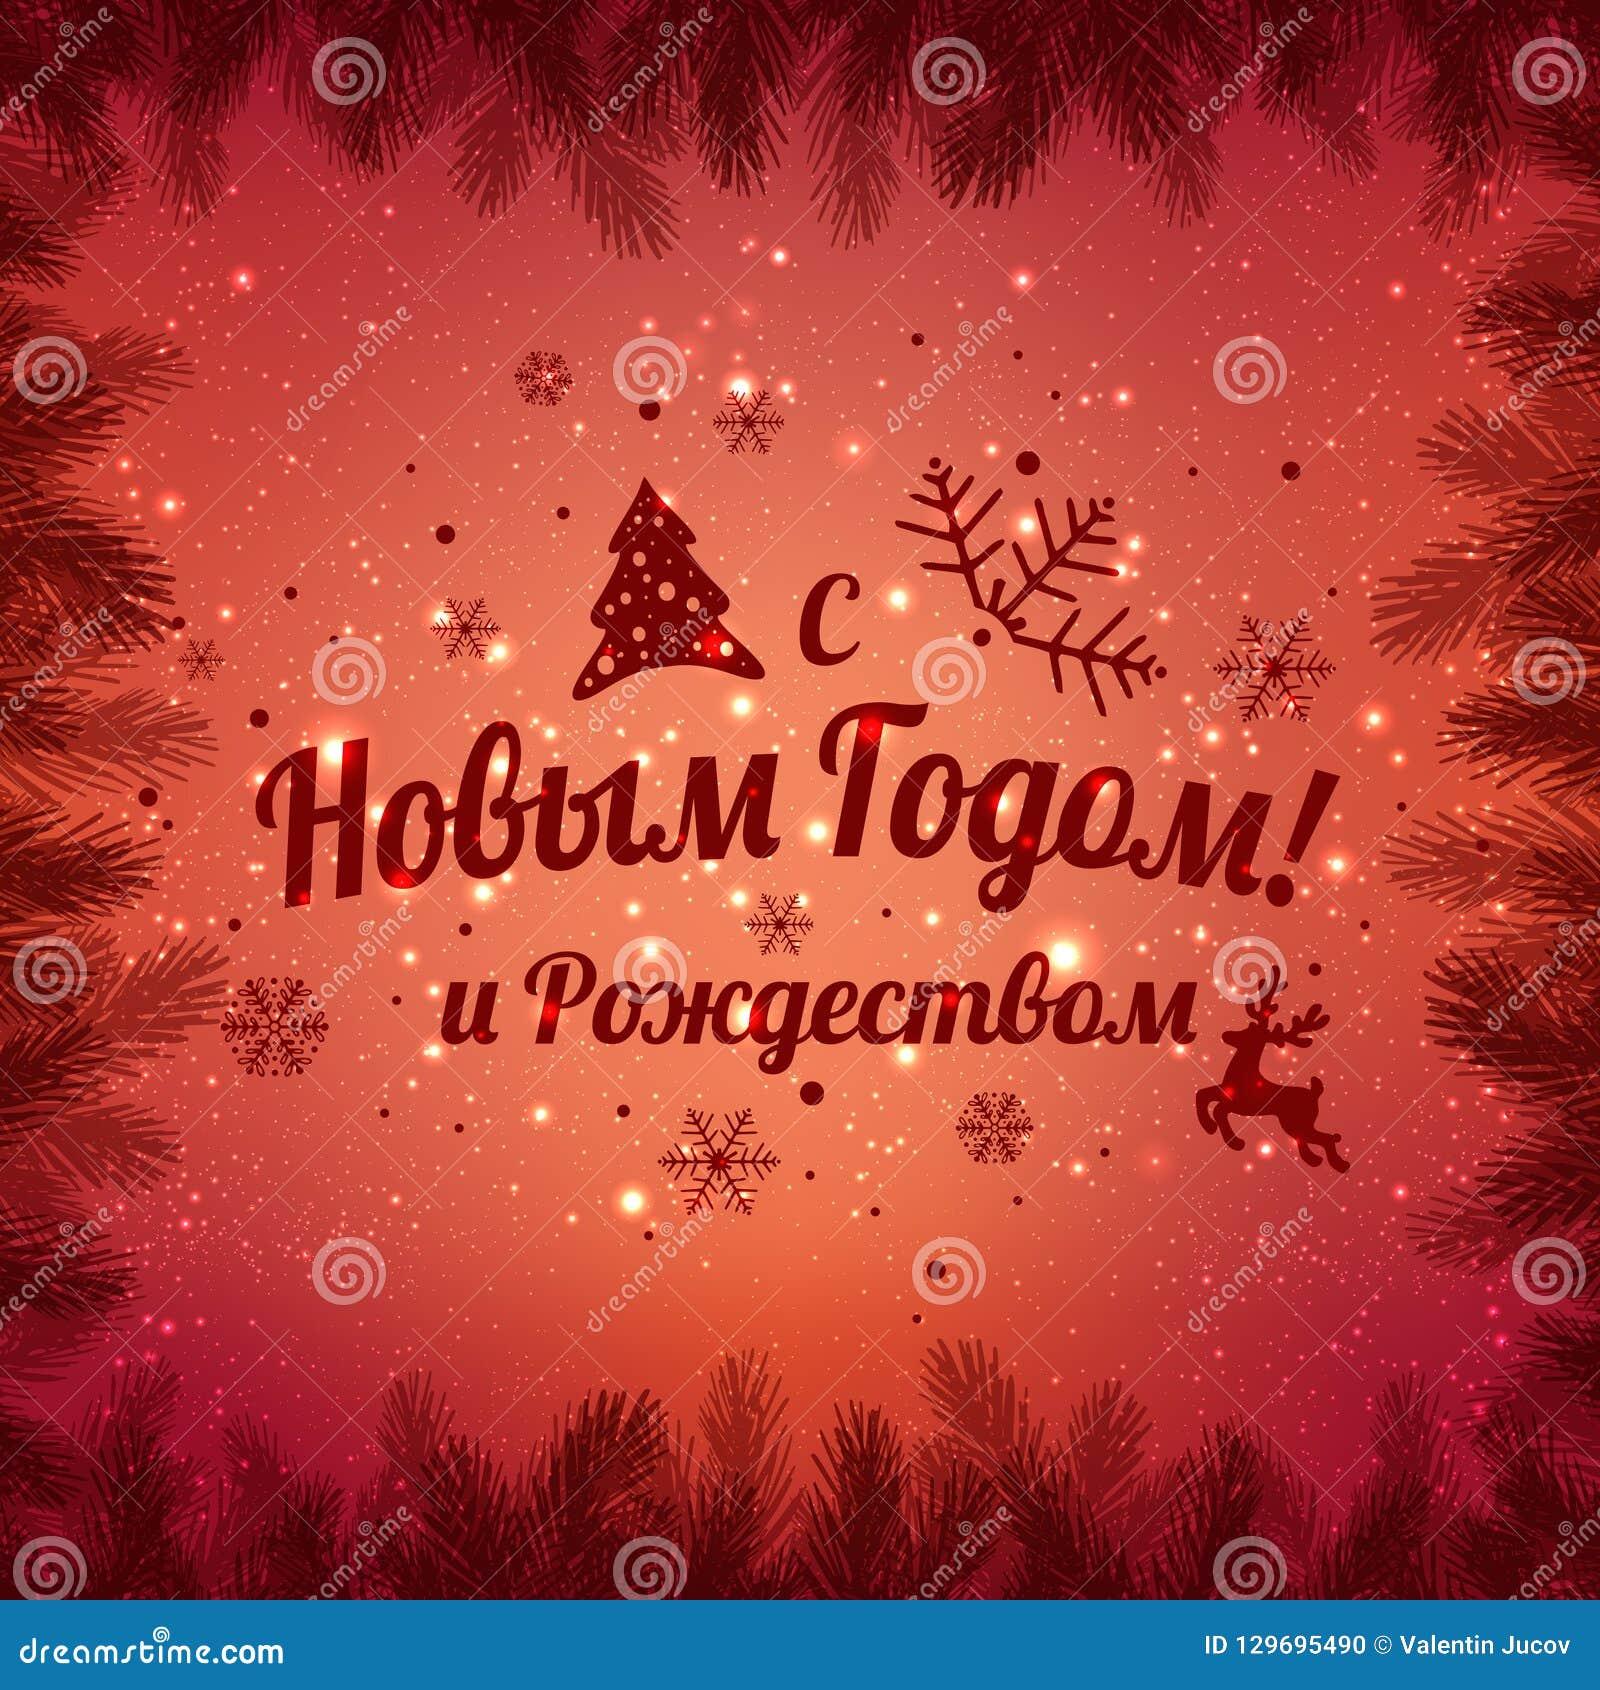 Frohe Weihnachten Und Ein Gutes Neues Jahr Russisch.Text Auf Russisch Guten Rutsch Ins Neue Jahr Und Weihnachten